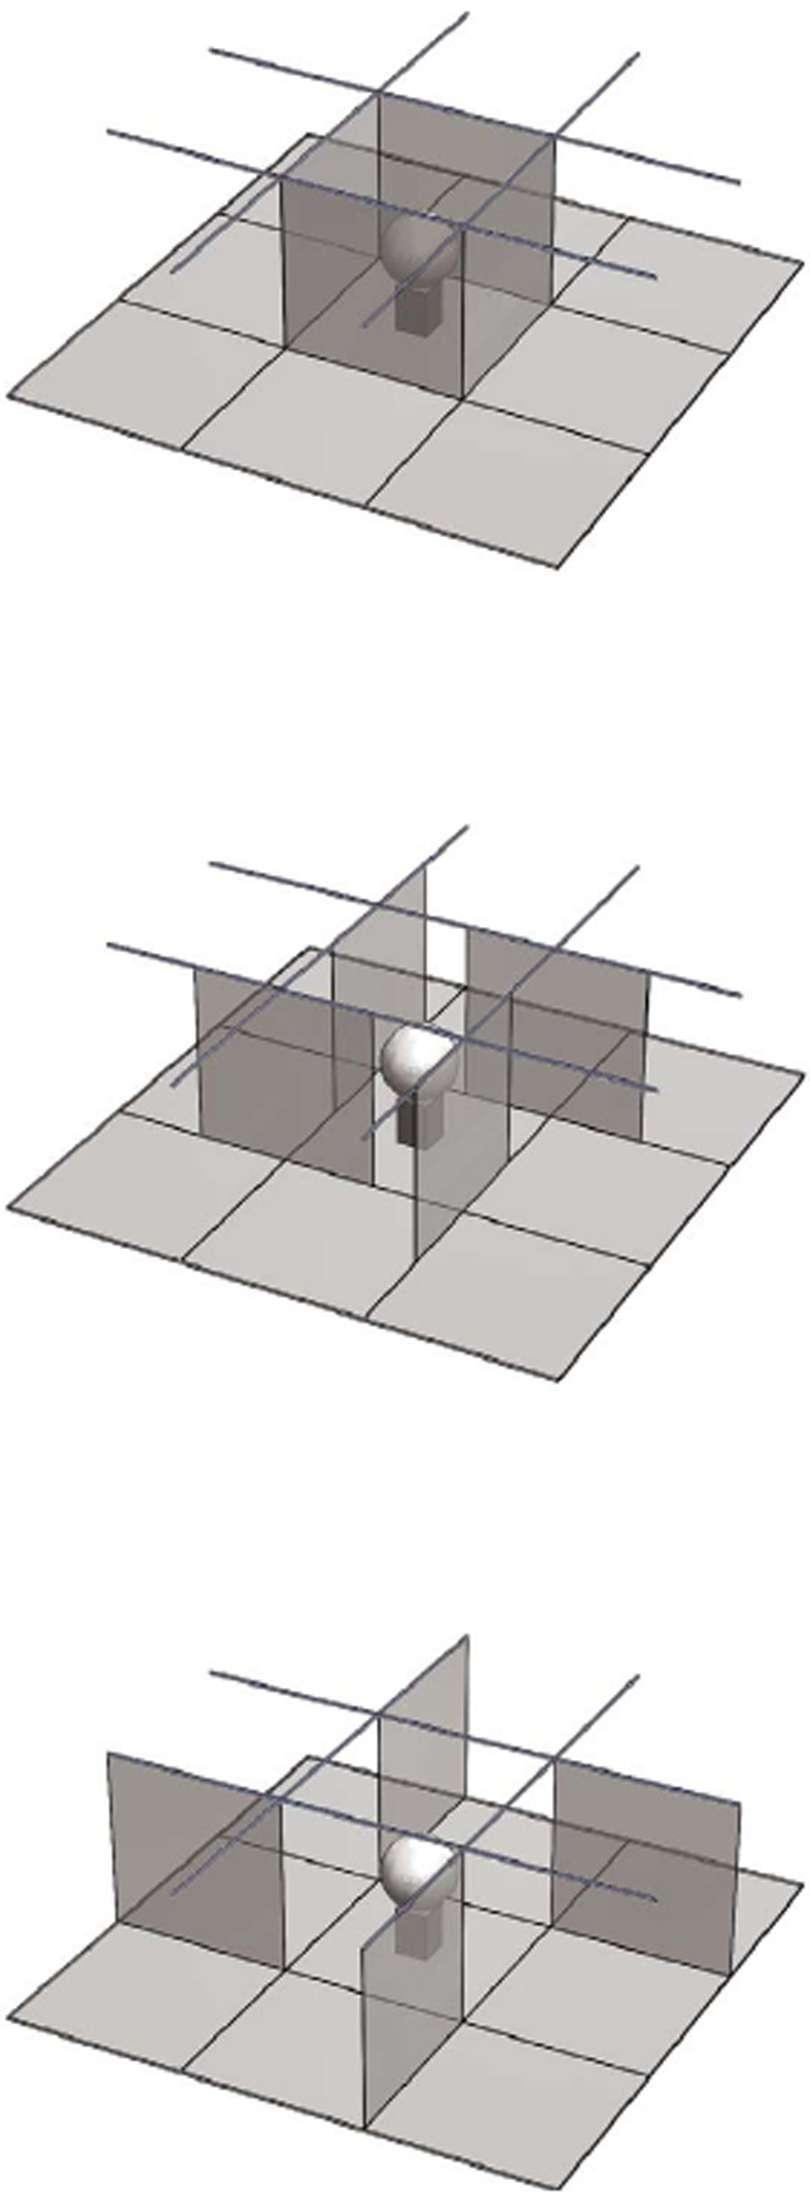 glasschiebetuersystem_astec_b1000_schema